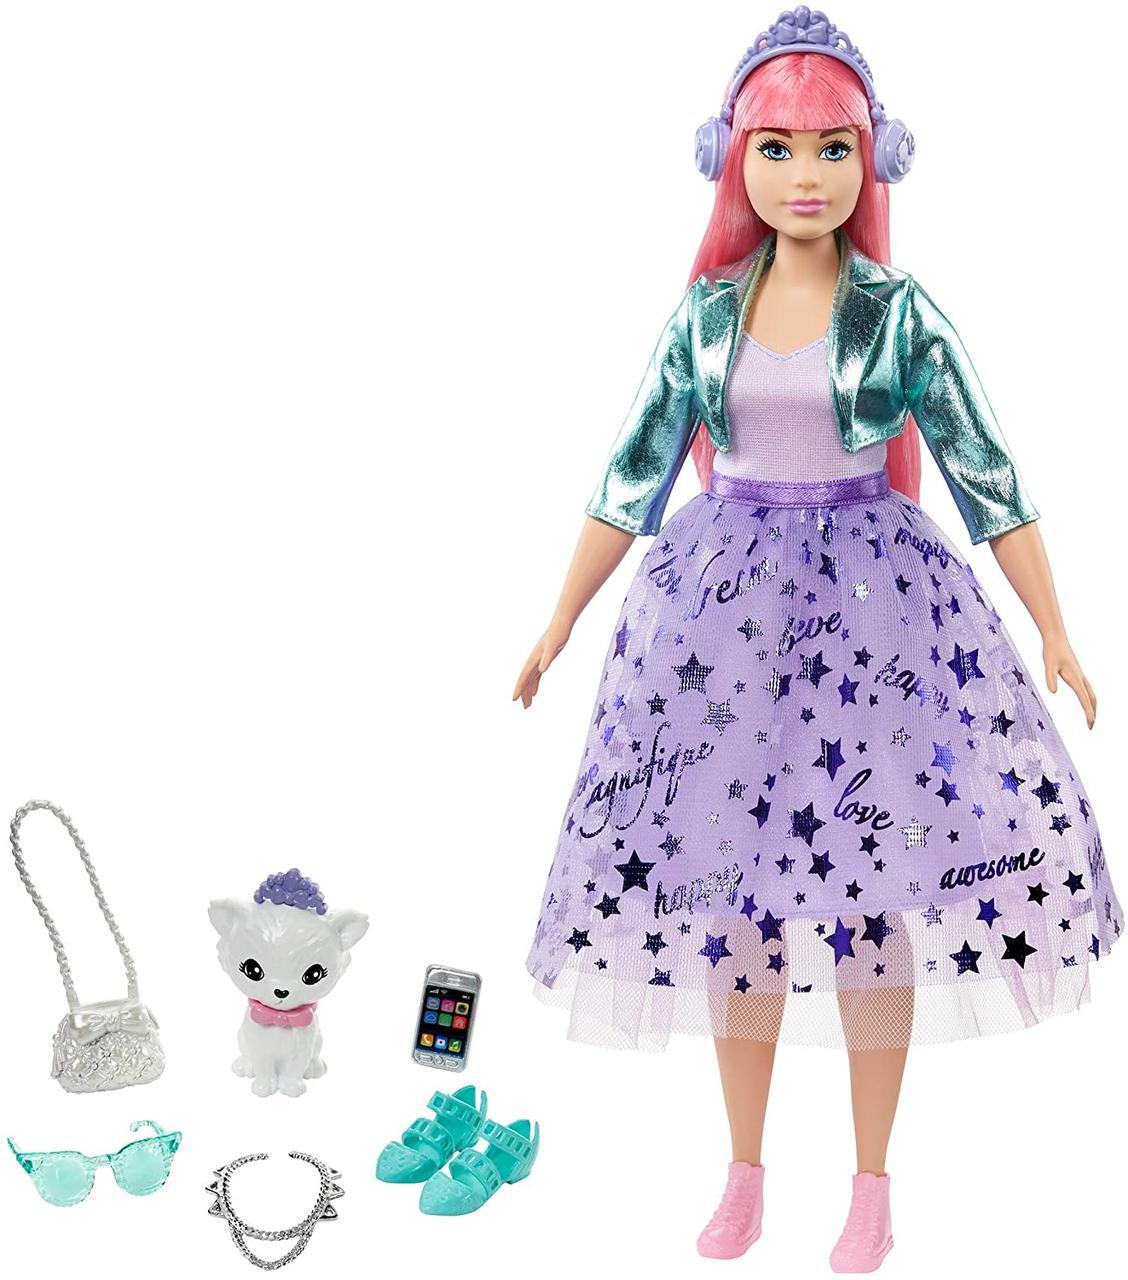 Лялька Барбі Пригода принцеси Дейзі Barbie Princess Adventure Daisy